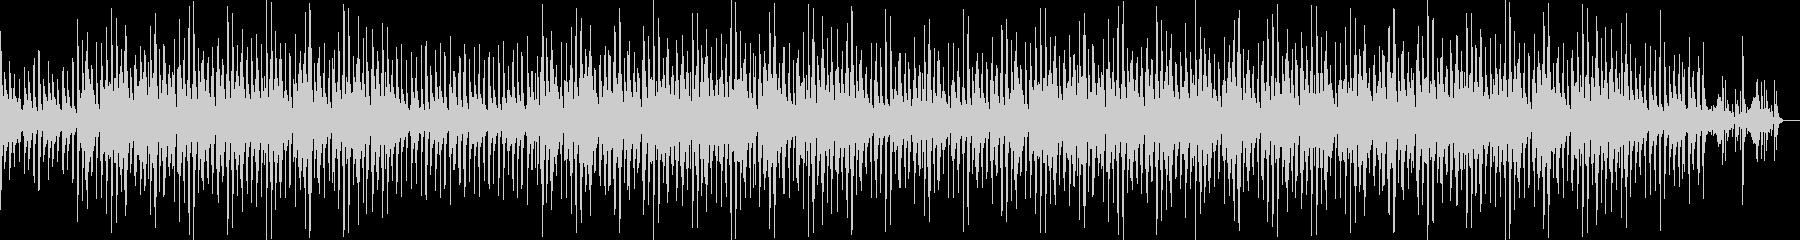 ジャズテイストBGMの未再生の波形